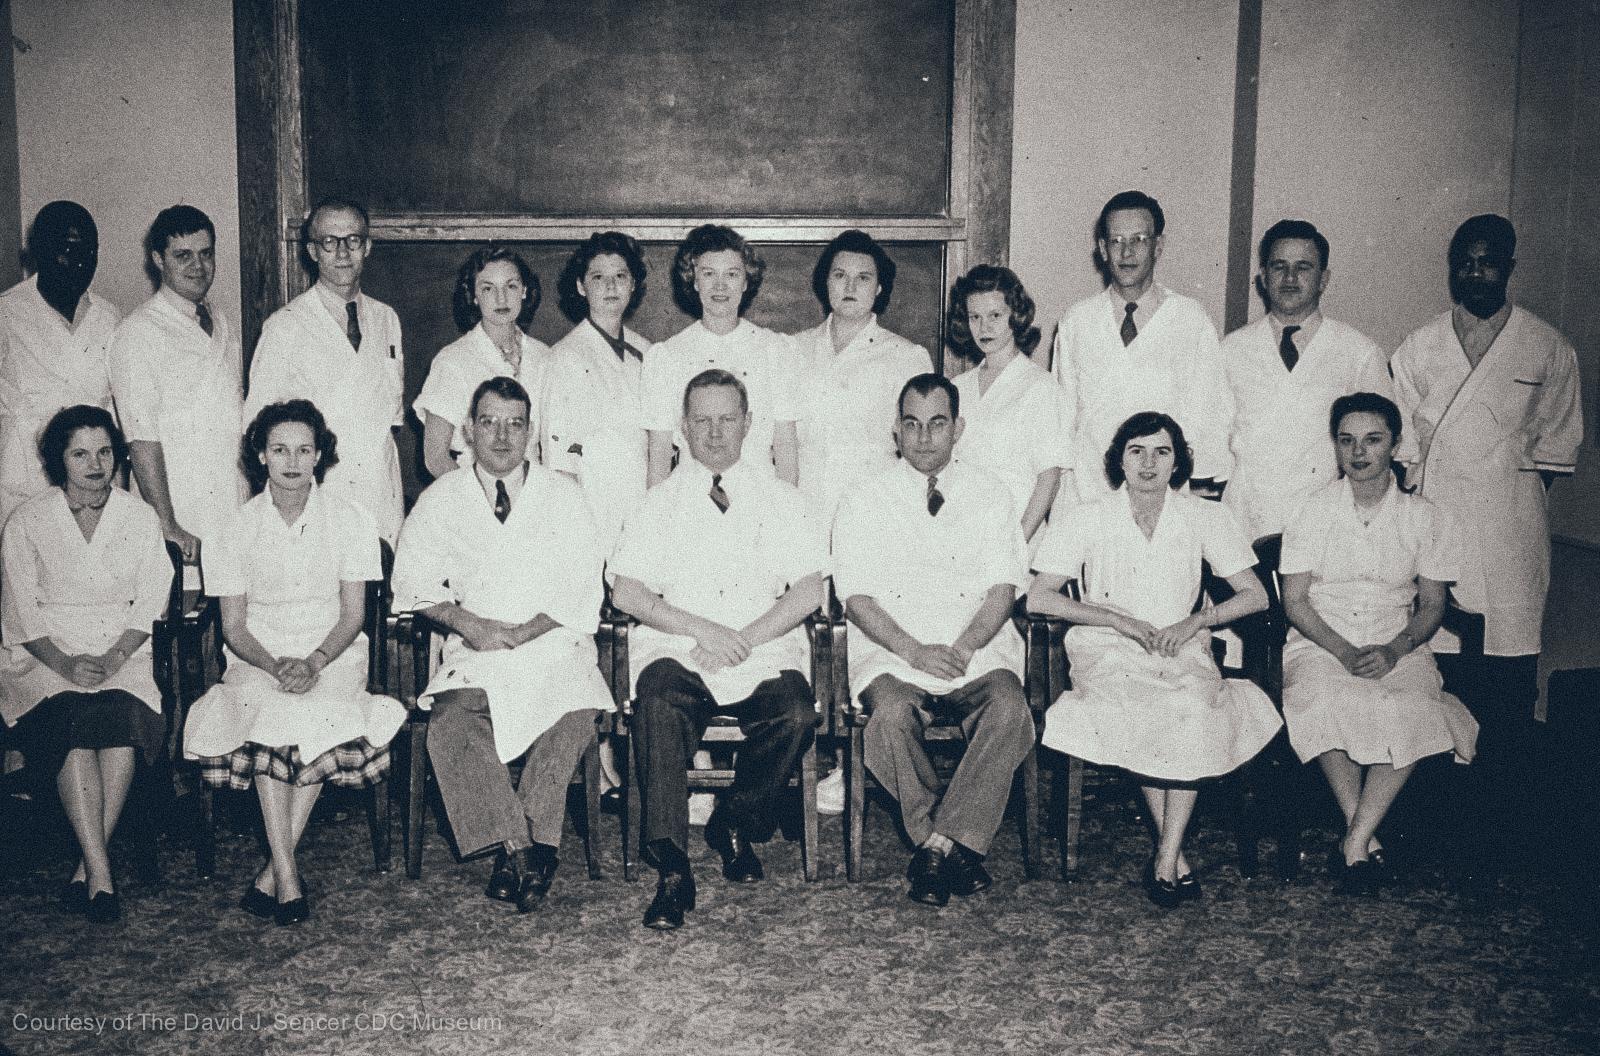 Laboratory class held at the Volunteer Building, in Atlanta, Georgia, 1945.